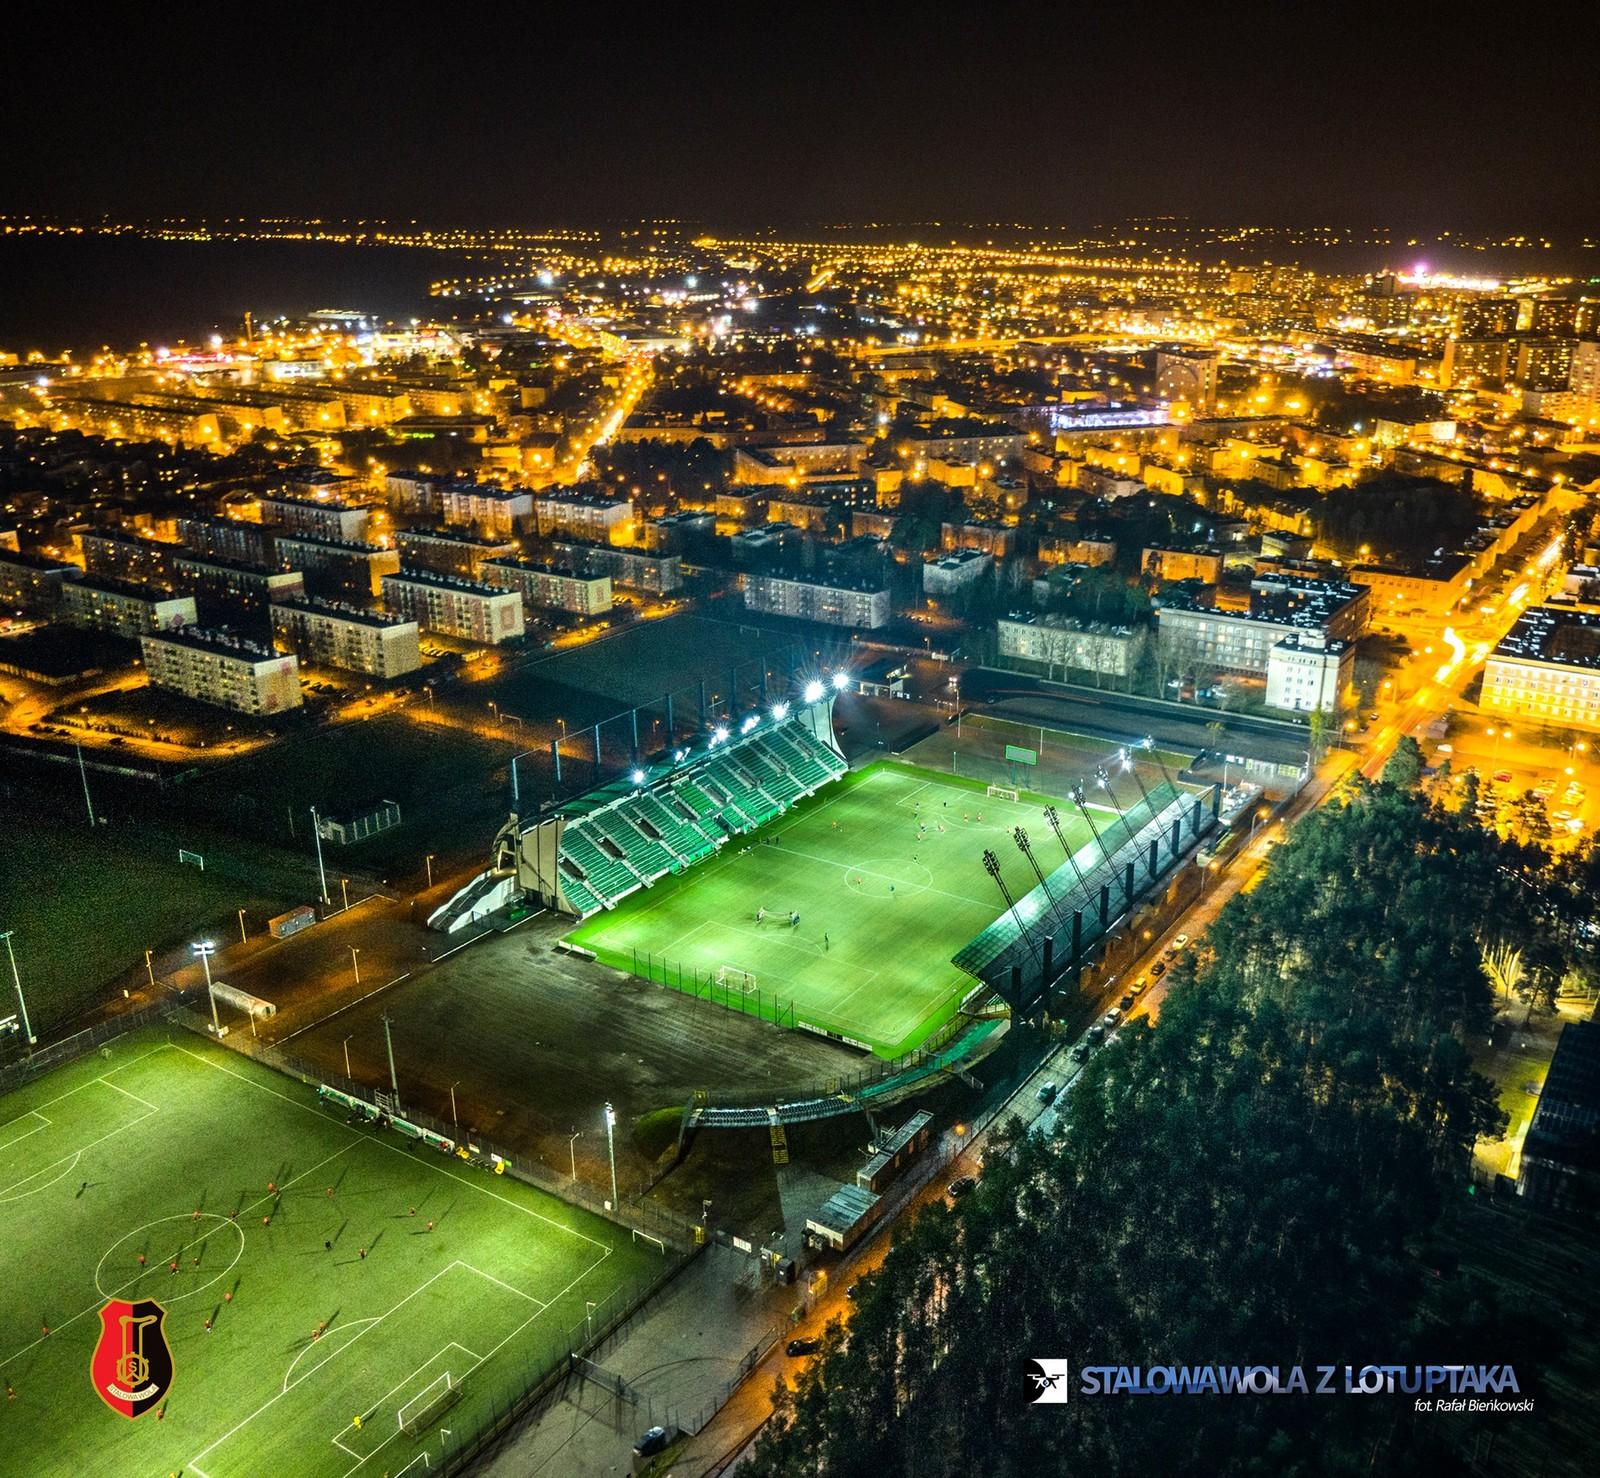 Podkarpackie Centrum Piłki Nożnej